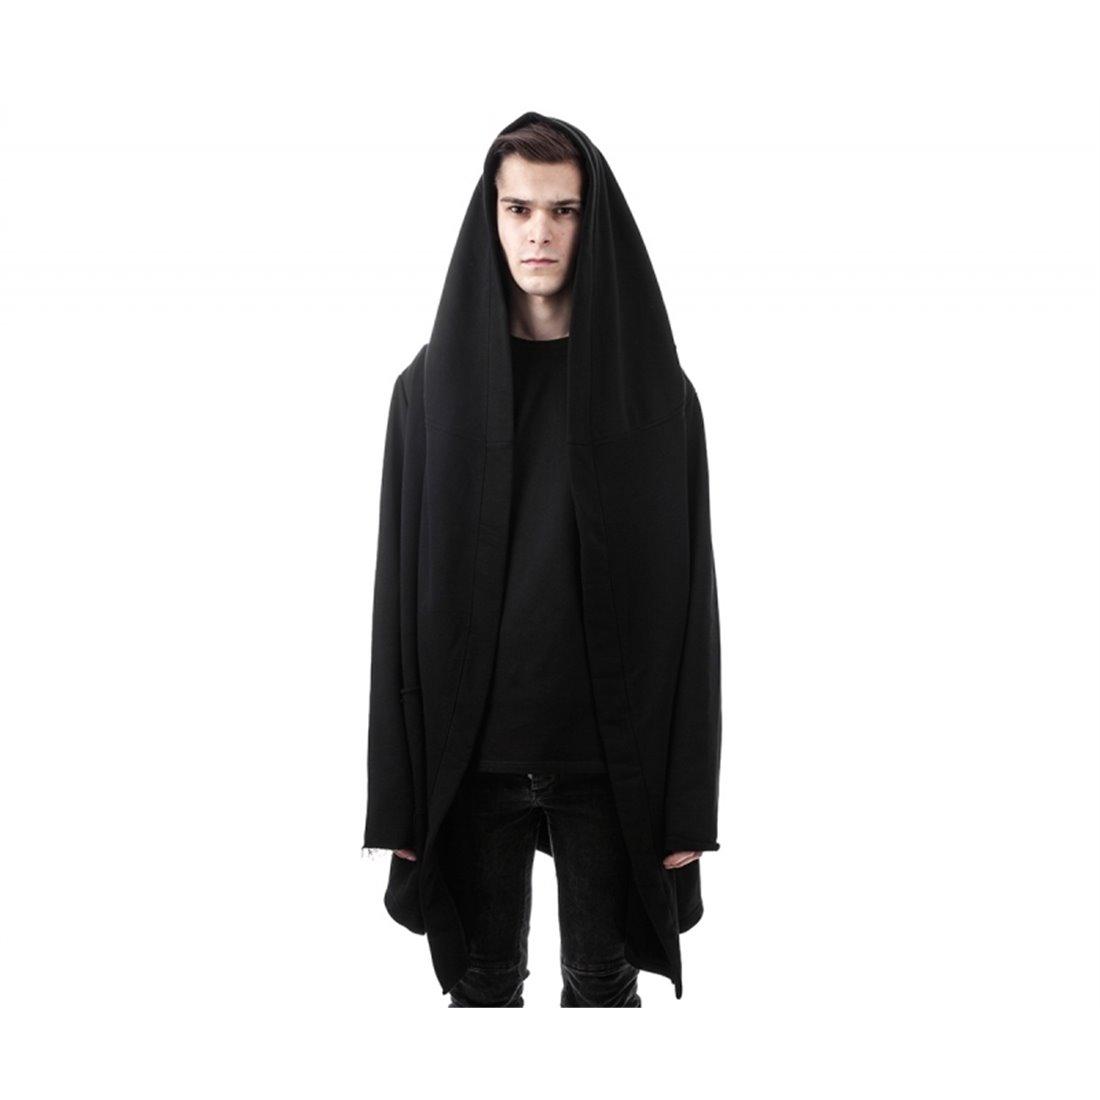 Похотливый священник одетый в синию мантию 25 фотография